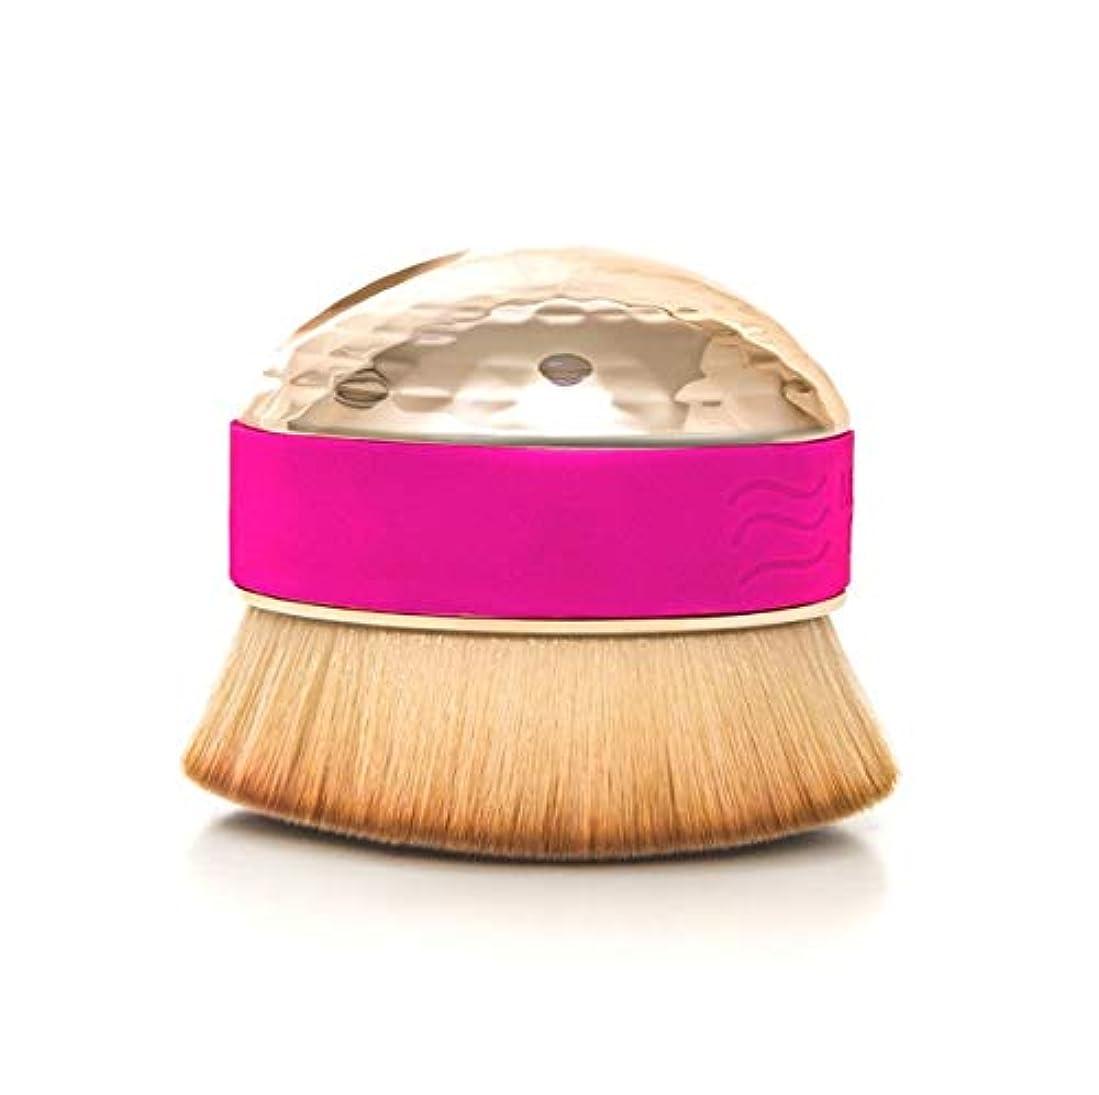 心配する地殻大通りMeeioupl 毛羽立ちがなく、柔らかく快適な化粧用ブラシ耐久性のある化粧用ブラシ飛ばない粉体用化粧用ブラシギフト用化粧用ブラシ 品質保証 (Color : ゴールド)